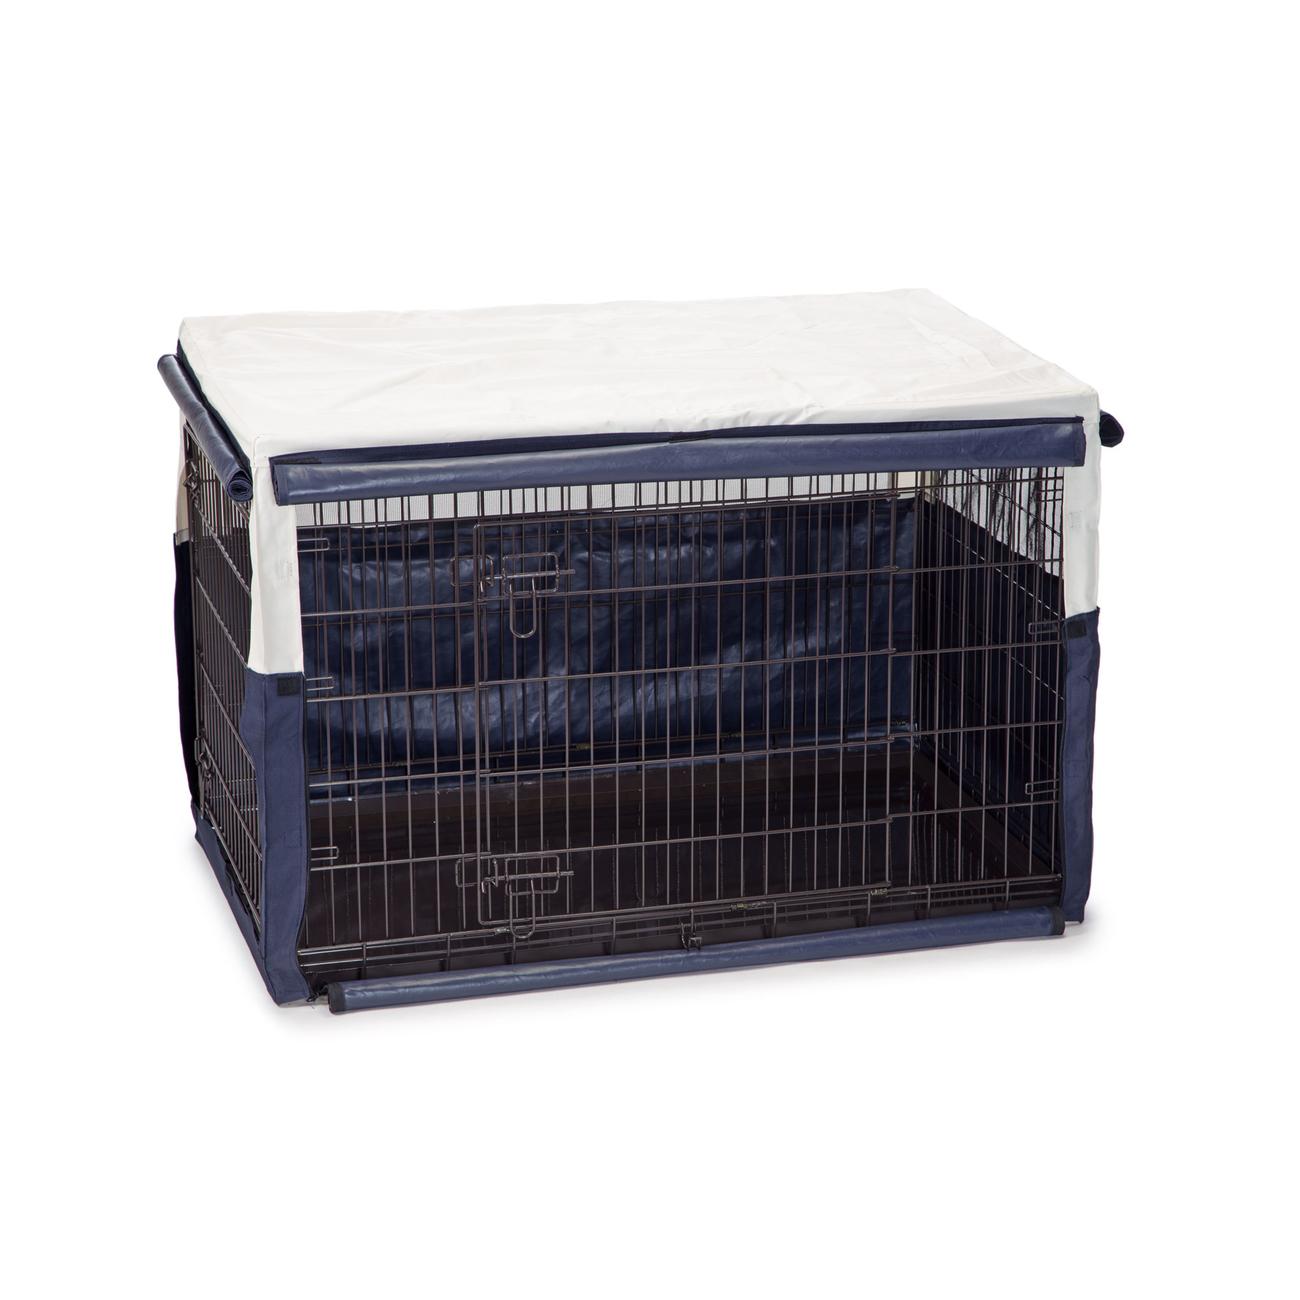 Beeztees Gitterbox Überzug Benco für Bench, Bild 6